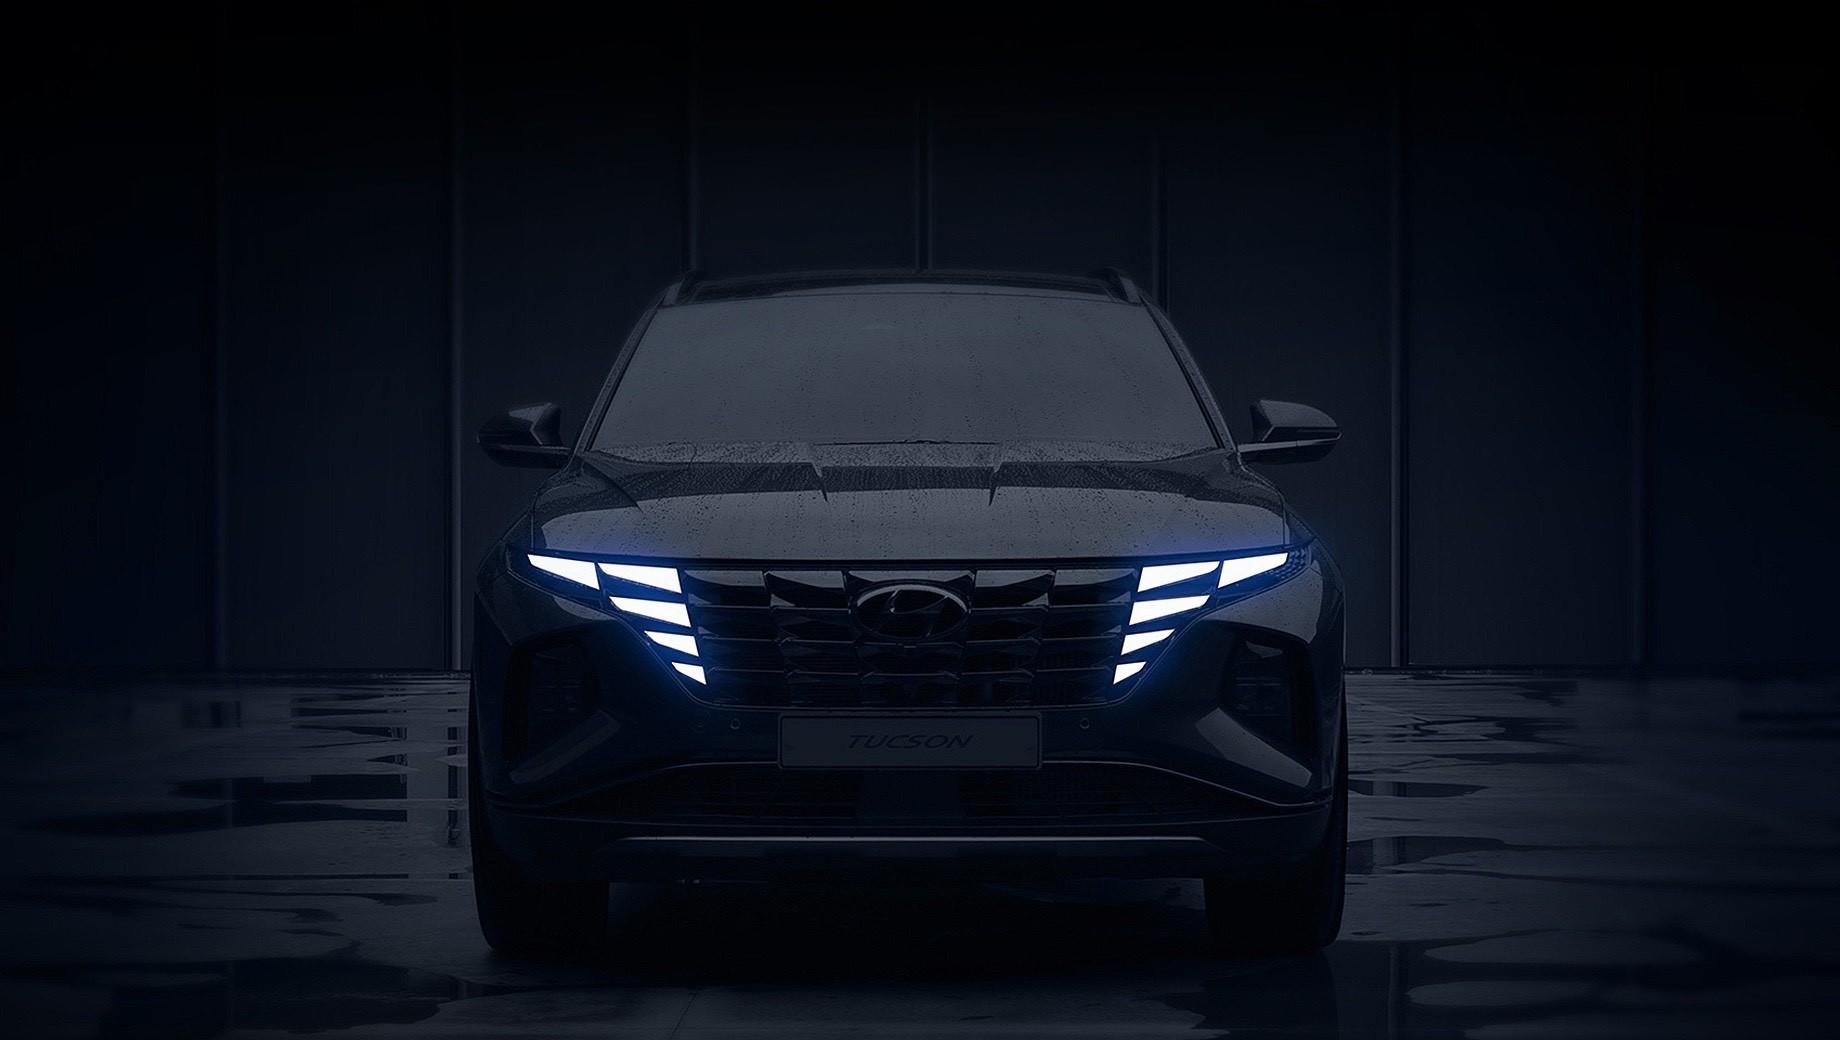 Hyundai tucson. На изображениях — почти серийный Hyundai Tucson, эволюционировавший из концепт-кара Vision T работы шеф-дизайнера бренда Саньюпа Ли. Не спутать бы Hyundai с Мерседесом EQC, хотя для Тусана это скорее плюс.